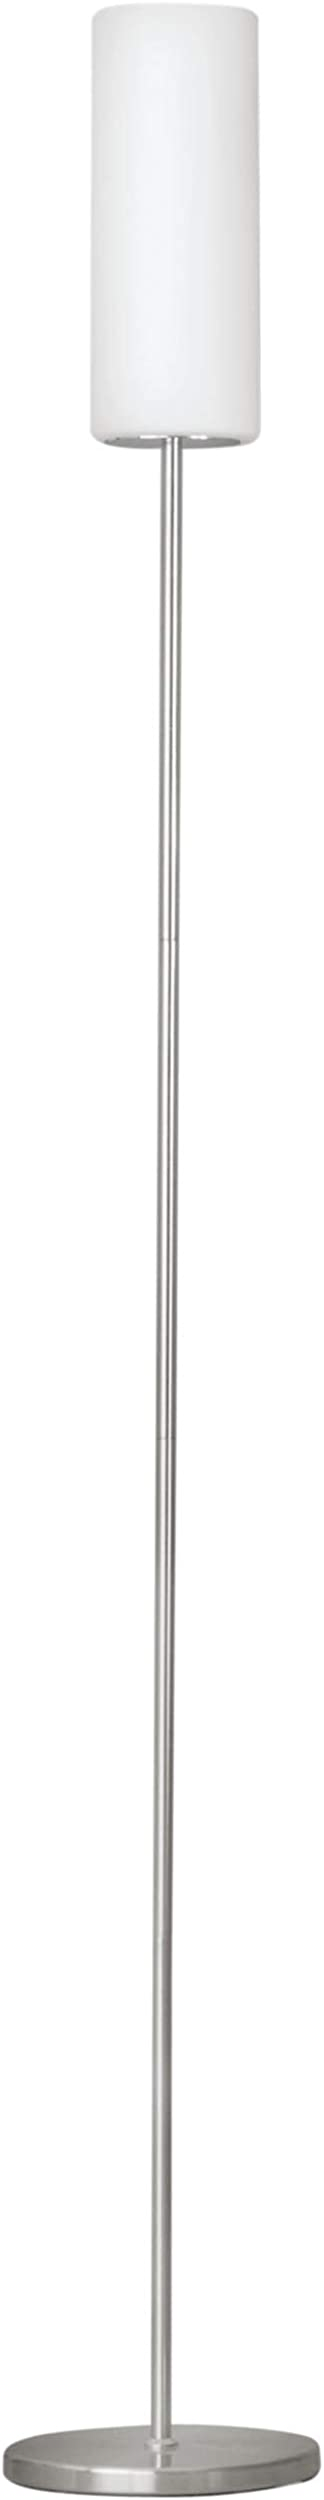 Eglo troy 3, lampada da terra a stelo , in acciaio e vetro 85982